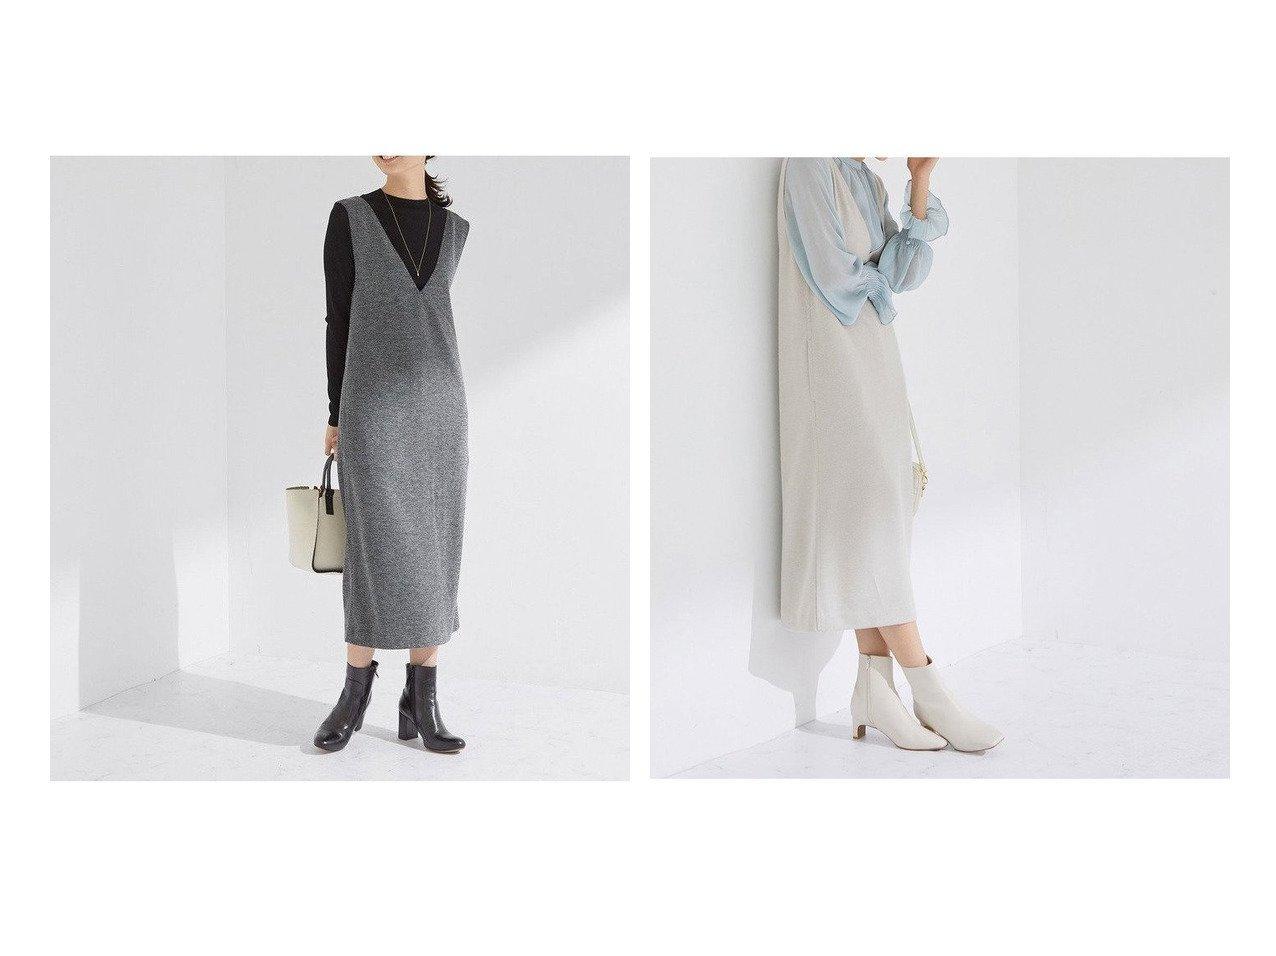 【ROPE/ロペ】の【手洗い可】ツィーディージャージージャンパースカート スカートのおすすめ!人気、トレンド・レディースファッションの通販 おすすめで人気の流行・トレンド、ファッションの通販商品 メンズファッション・キッズファッション・インテリア・家具・レディースファッション・服の通販 founy(ファニー) https://founy.com/ ファッション Fashion レディースファッション WOMEN スカート Skirt カットソー シンプル ダブル ツイード 再入荷 Restock/Back in Stock/Re Arrival |ID:crp329100000011740